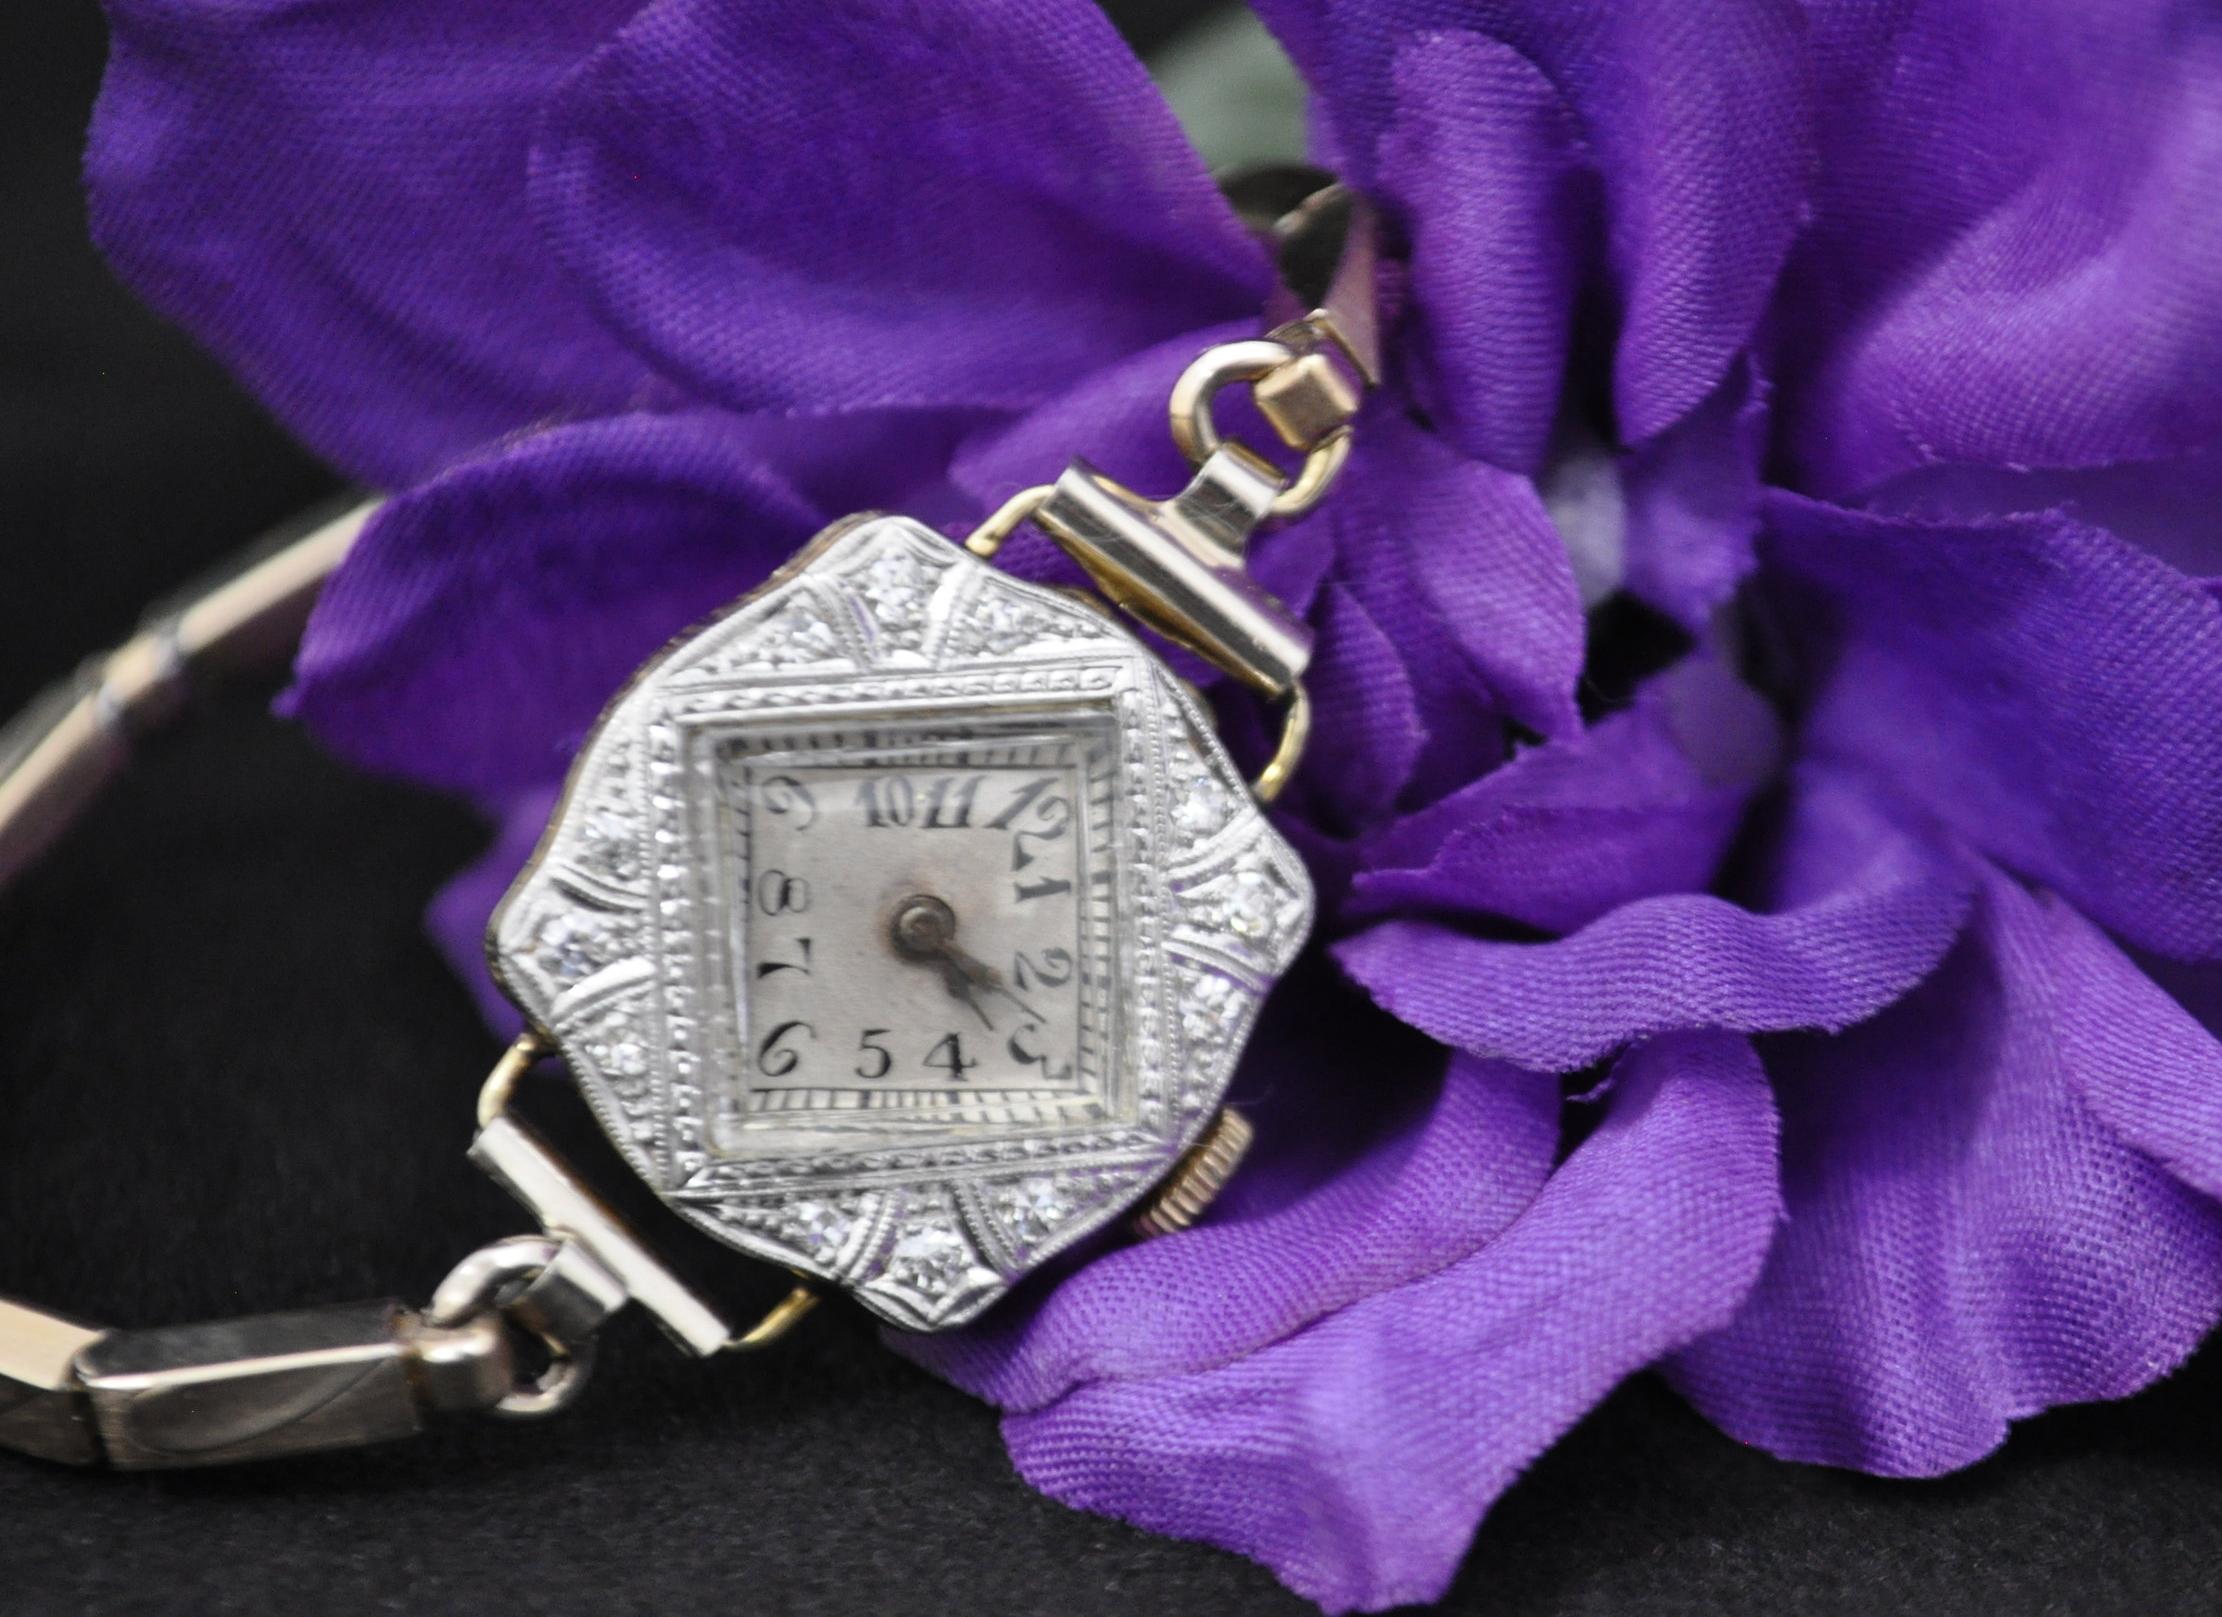 14K PVermot Women's Watch